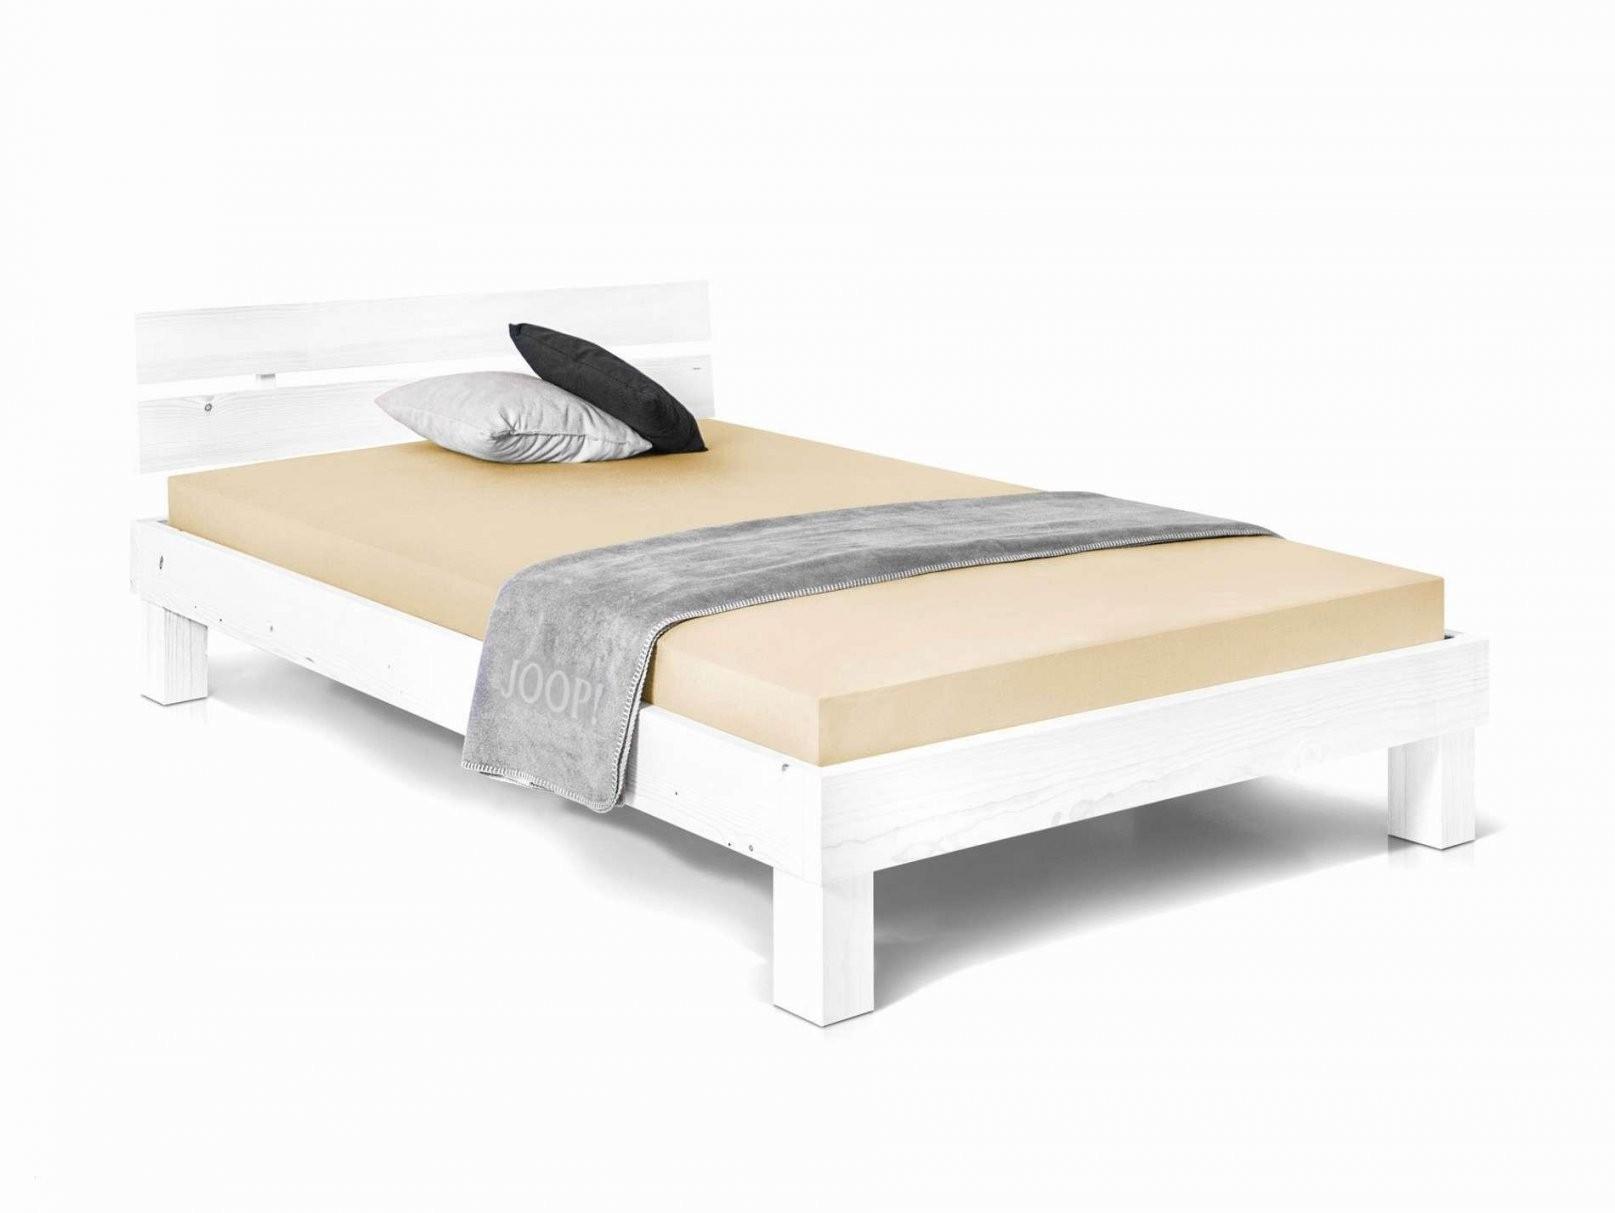 Best Bett Mit Matratze Und Lattenrost 140×200 Günstig Wamustory von Günstige Betten Mit Matratze Und Lattenrost 140X200 Bild